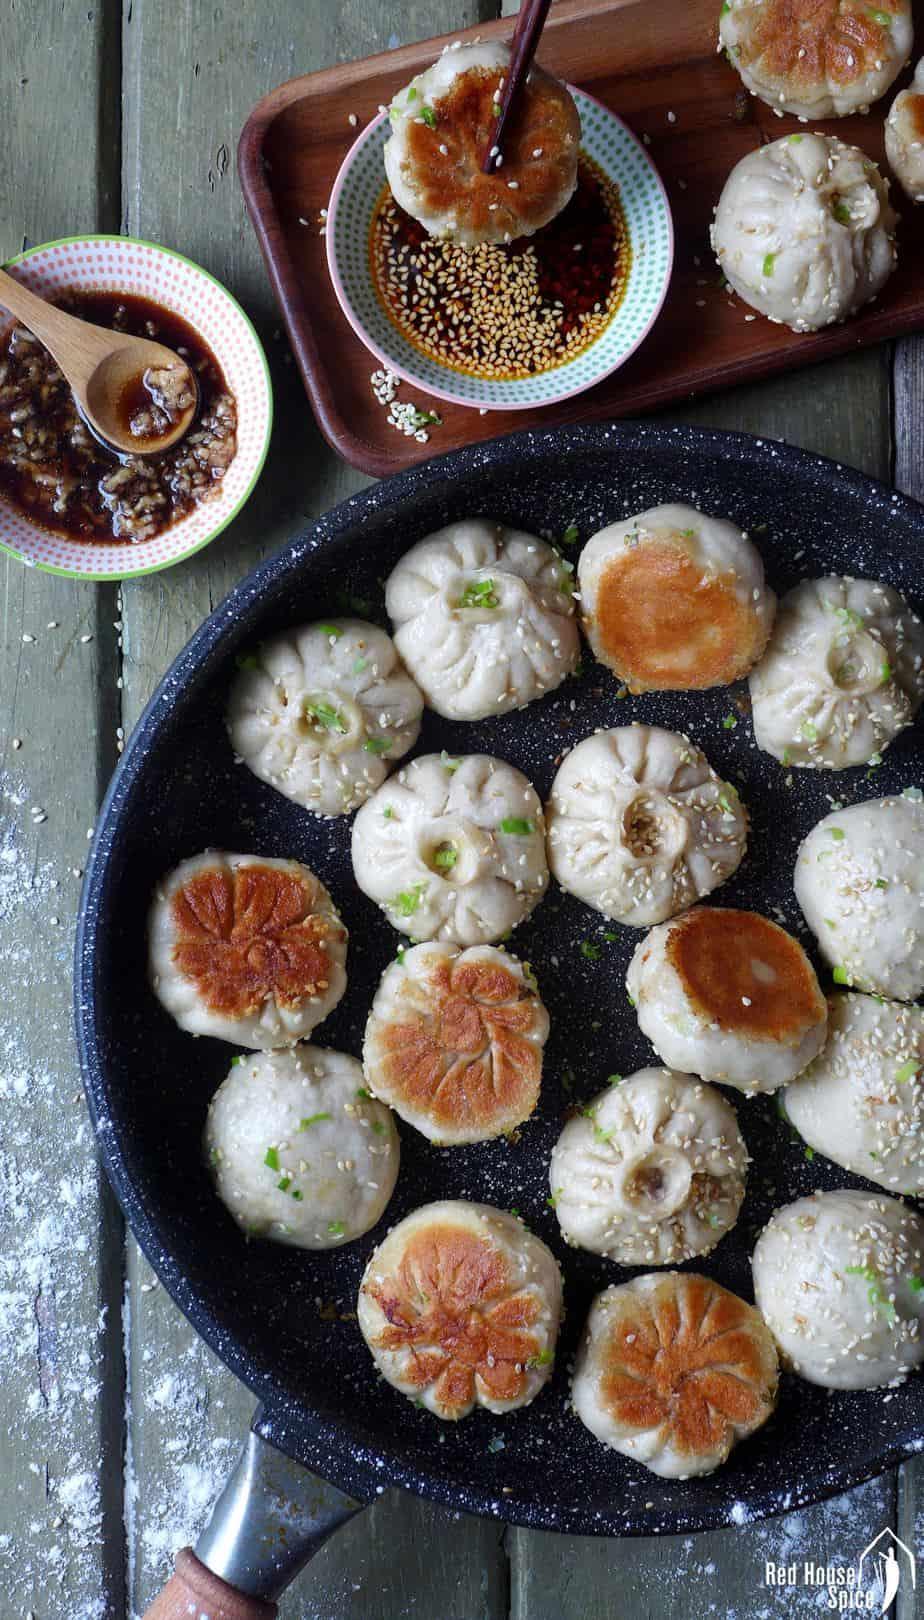 Sheng Jian Bao (pan-fried pork buns) cooked in a black frying pan.